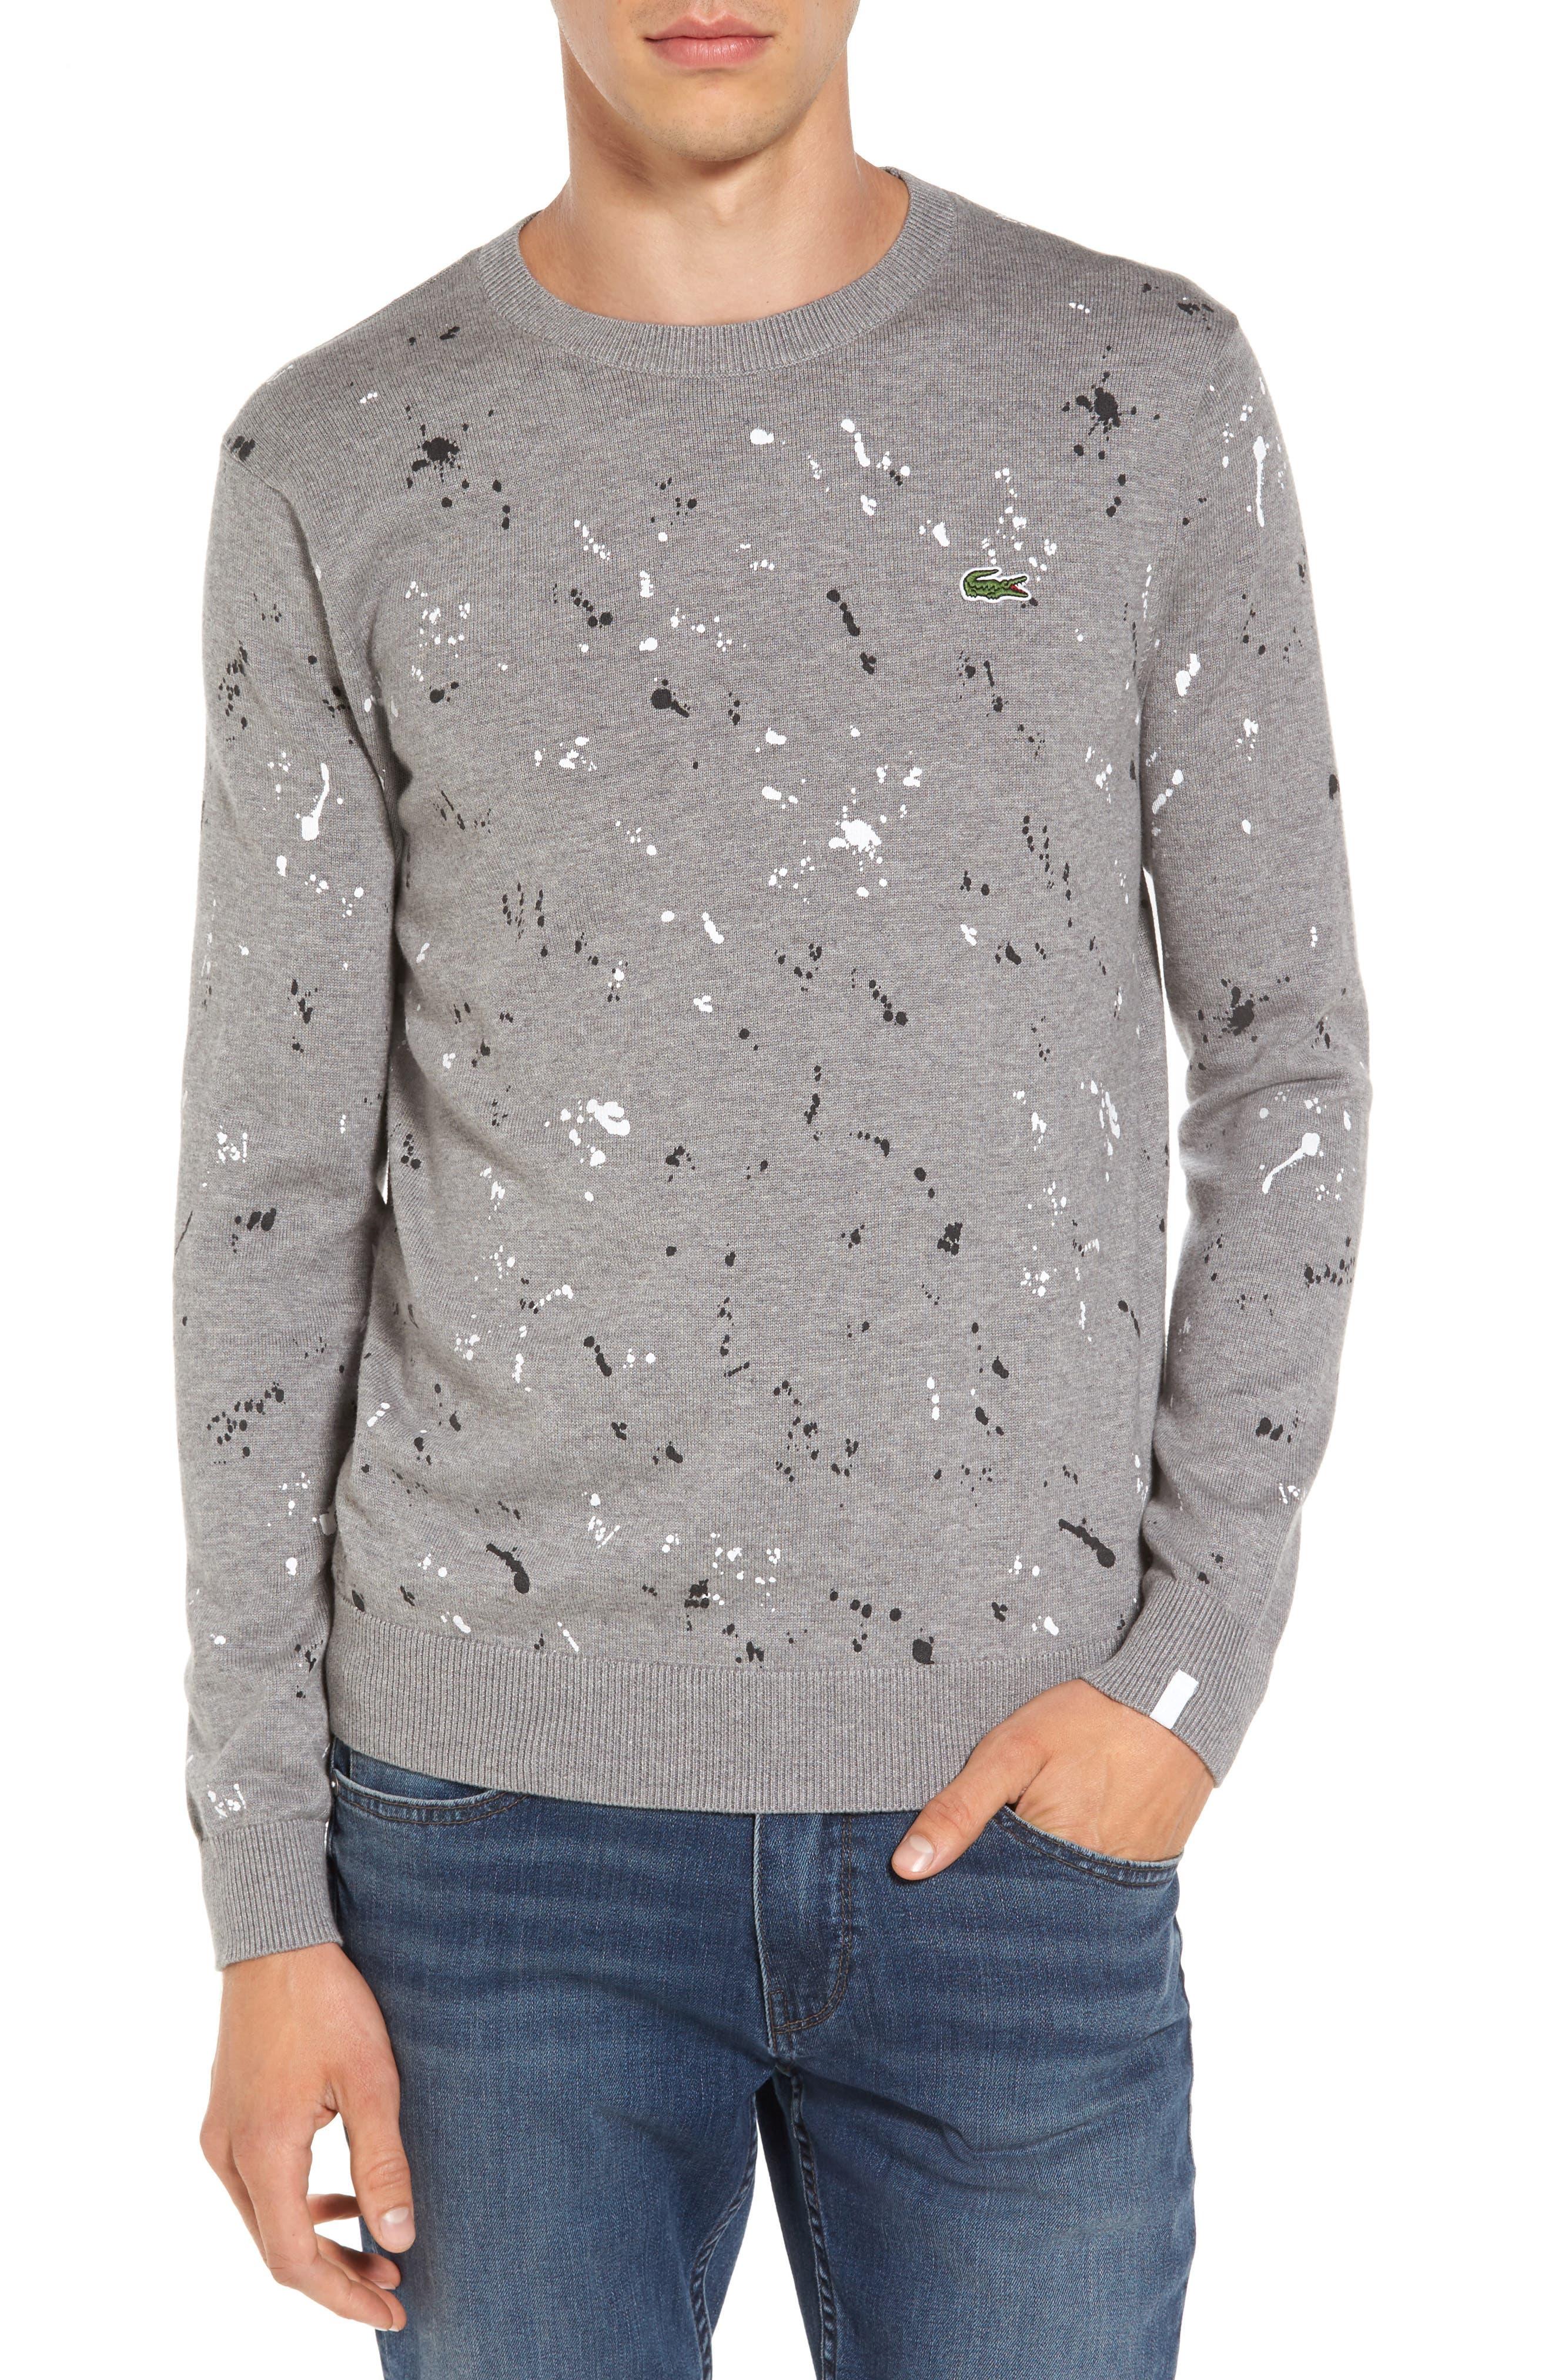 Lacoste Splatter Sweater